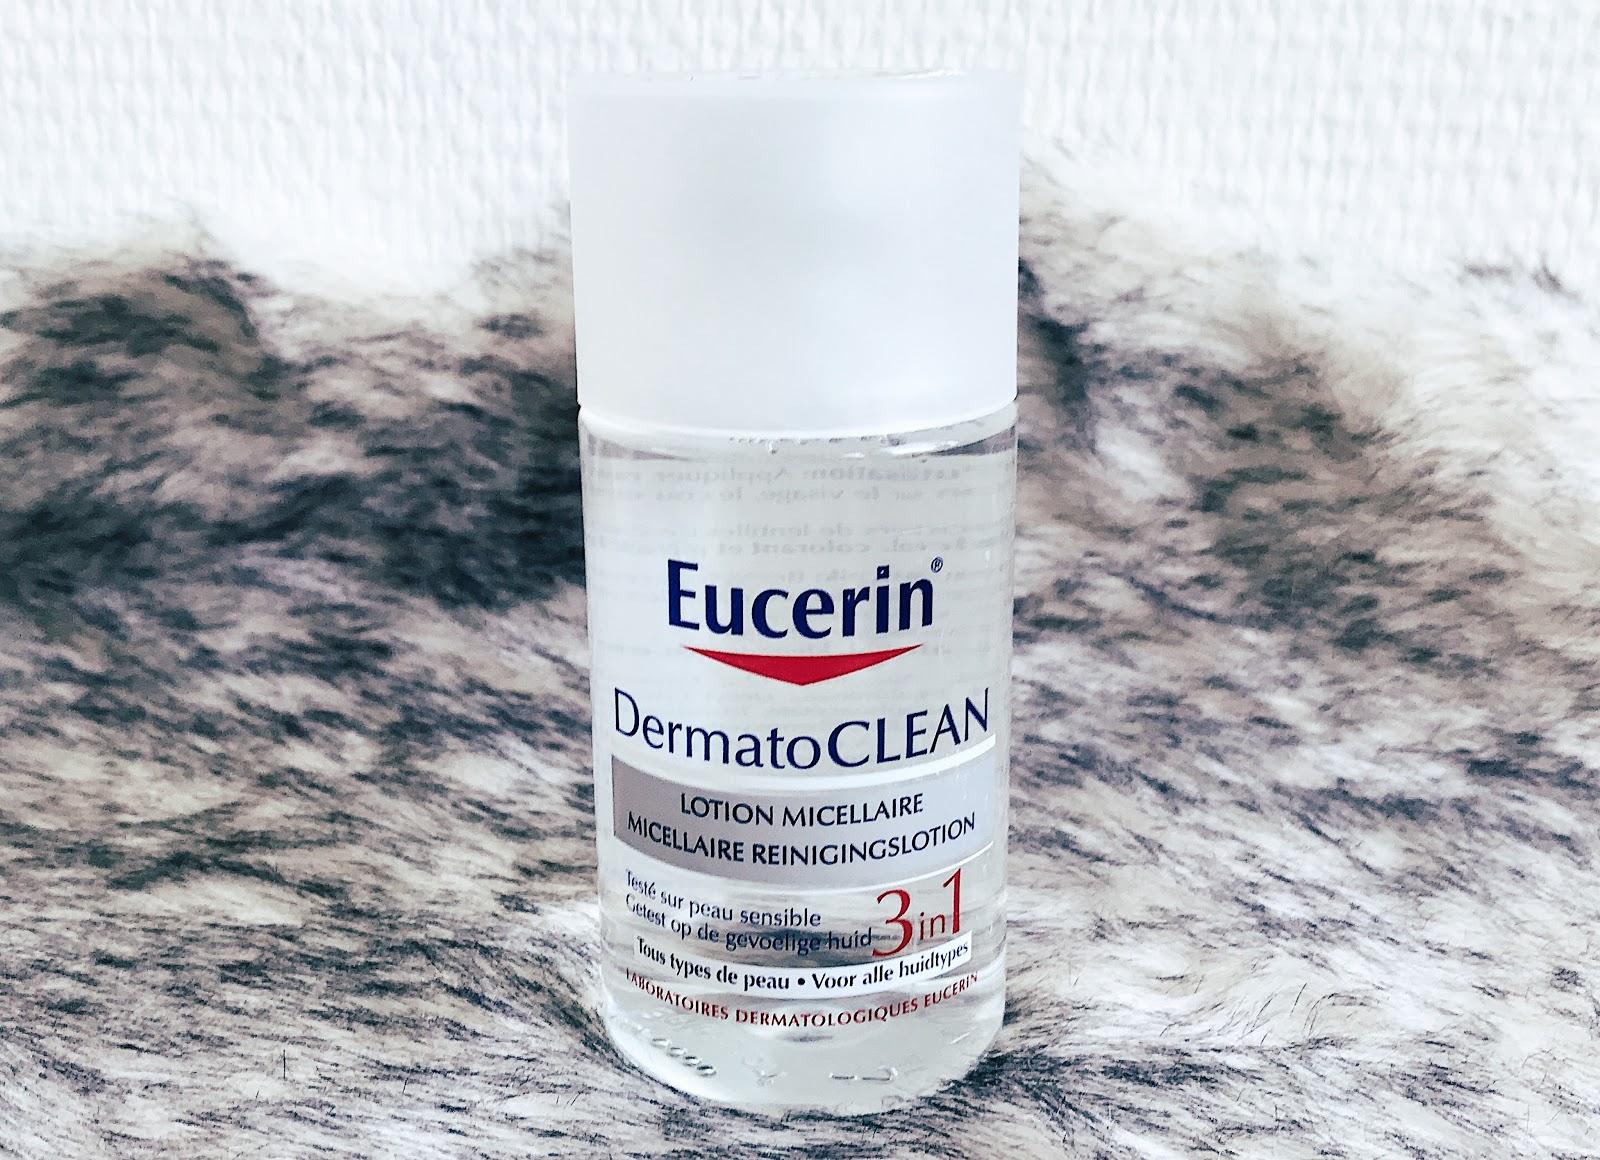 Eucerin Dermatoclean 3 in 1 Micellaire Reinigingslotion